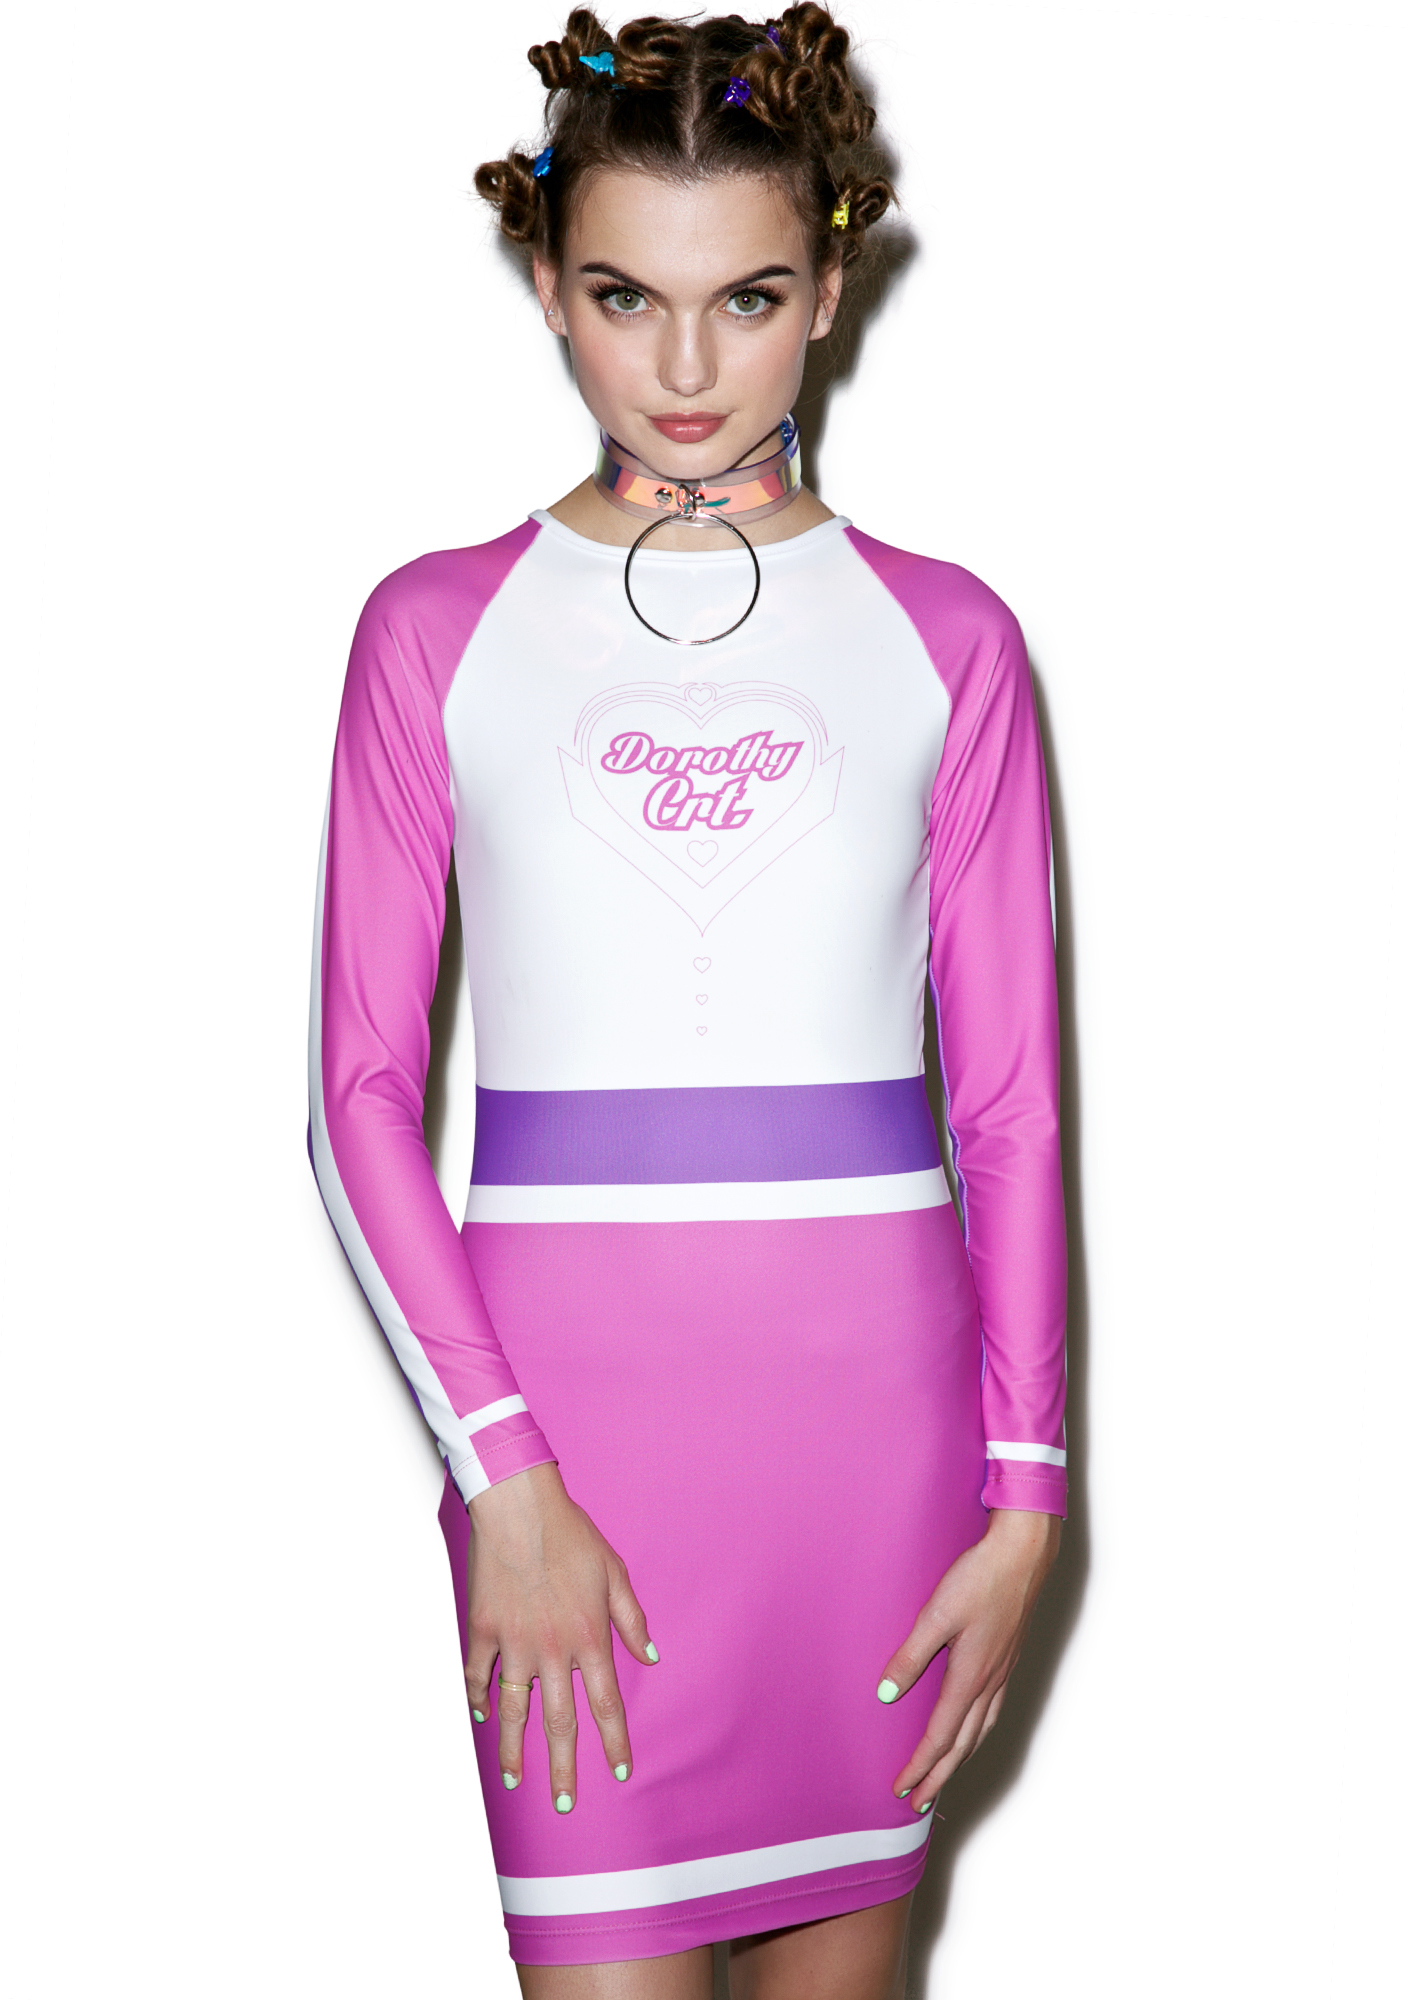 Dorothy Crt Pink Color Block Dress